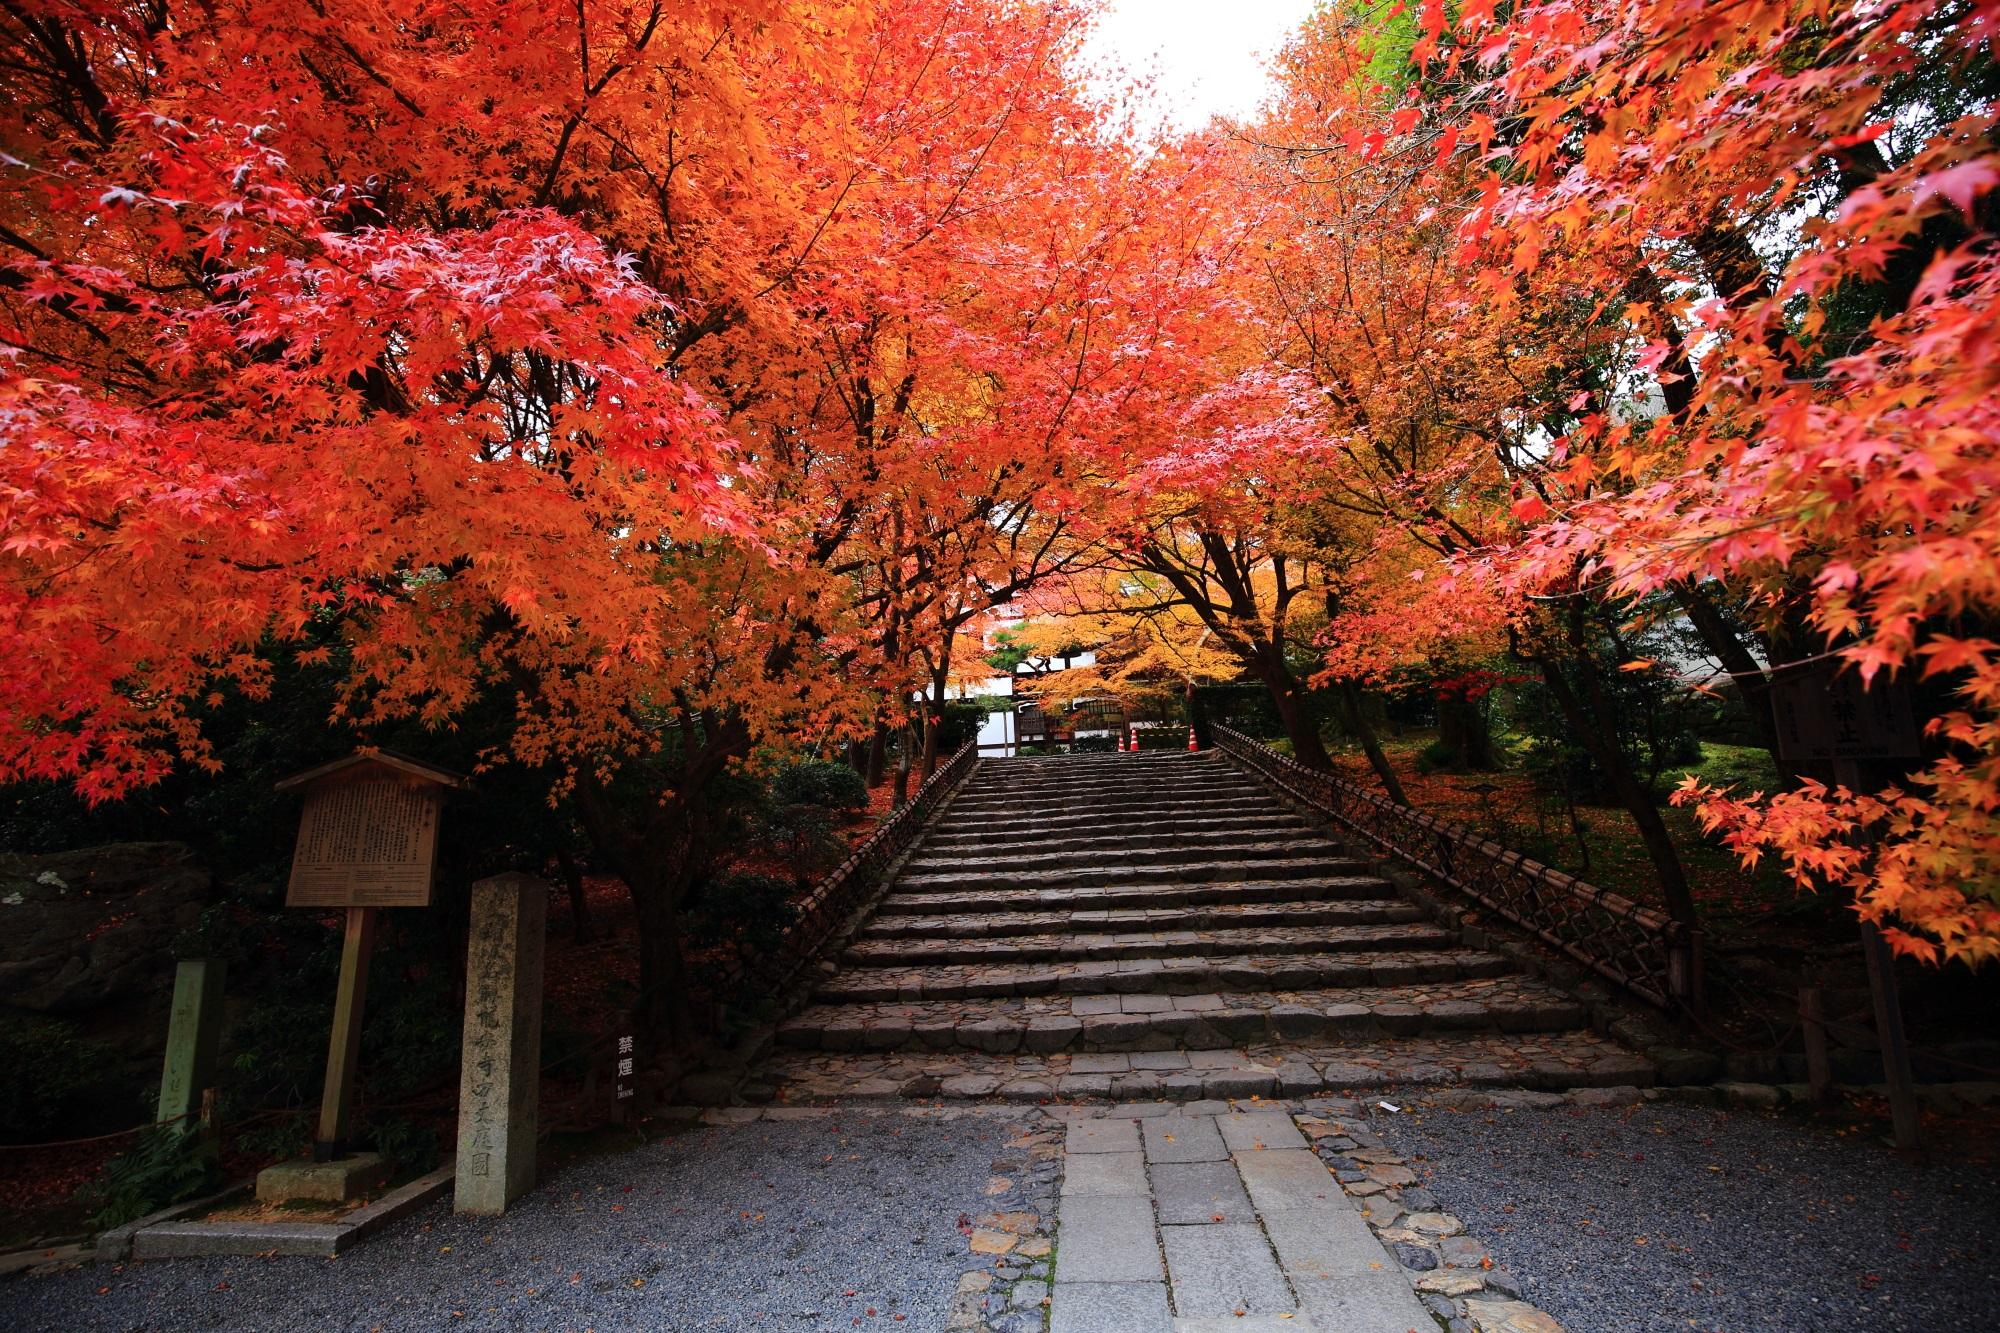 世界遺産の龍安寺の見所の多い紅葉